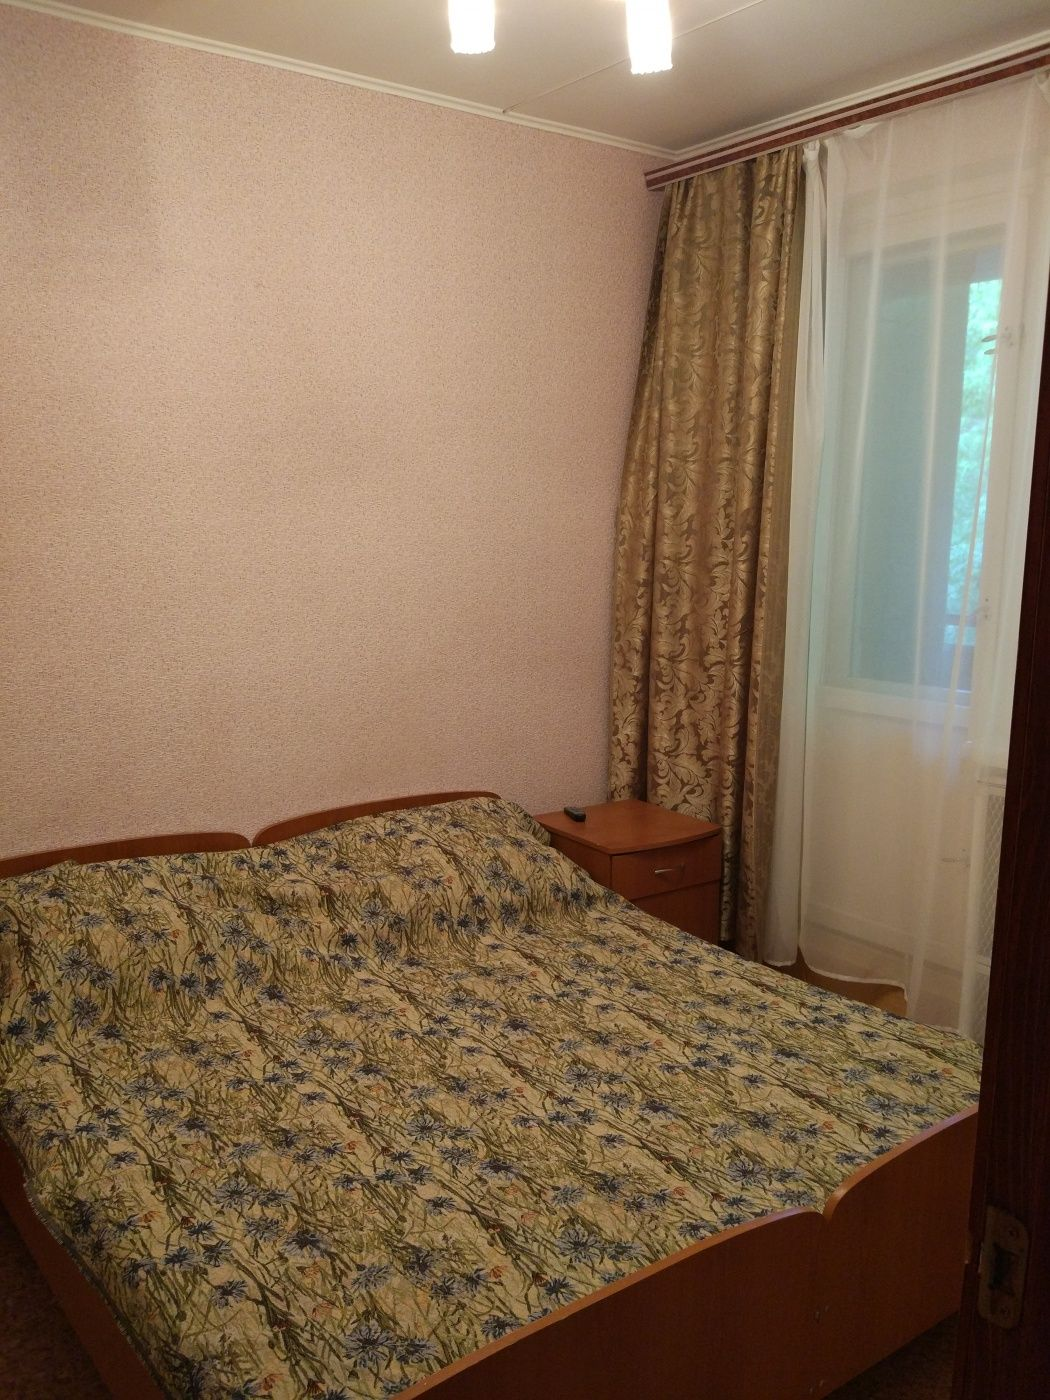 Турбаза «Домостроитель» Саратовская область 1-местный номер без удобств (корпус №1), фото 1